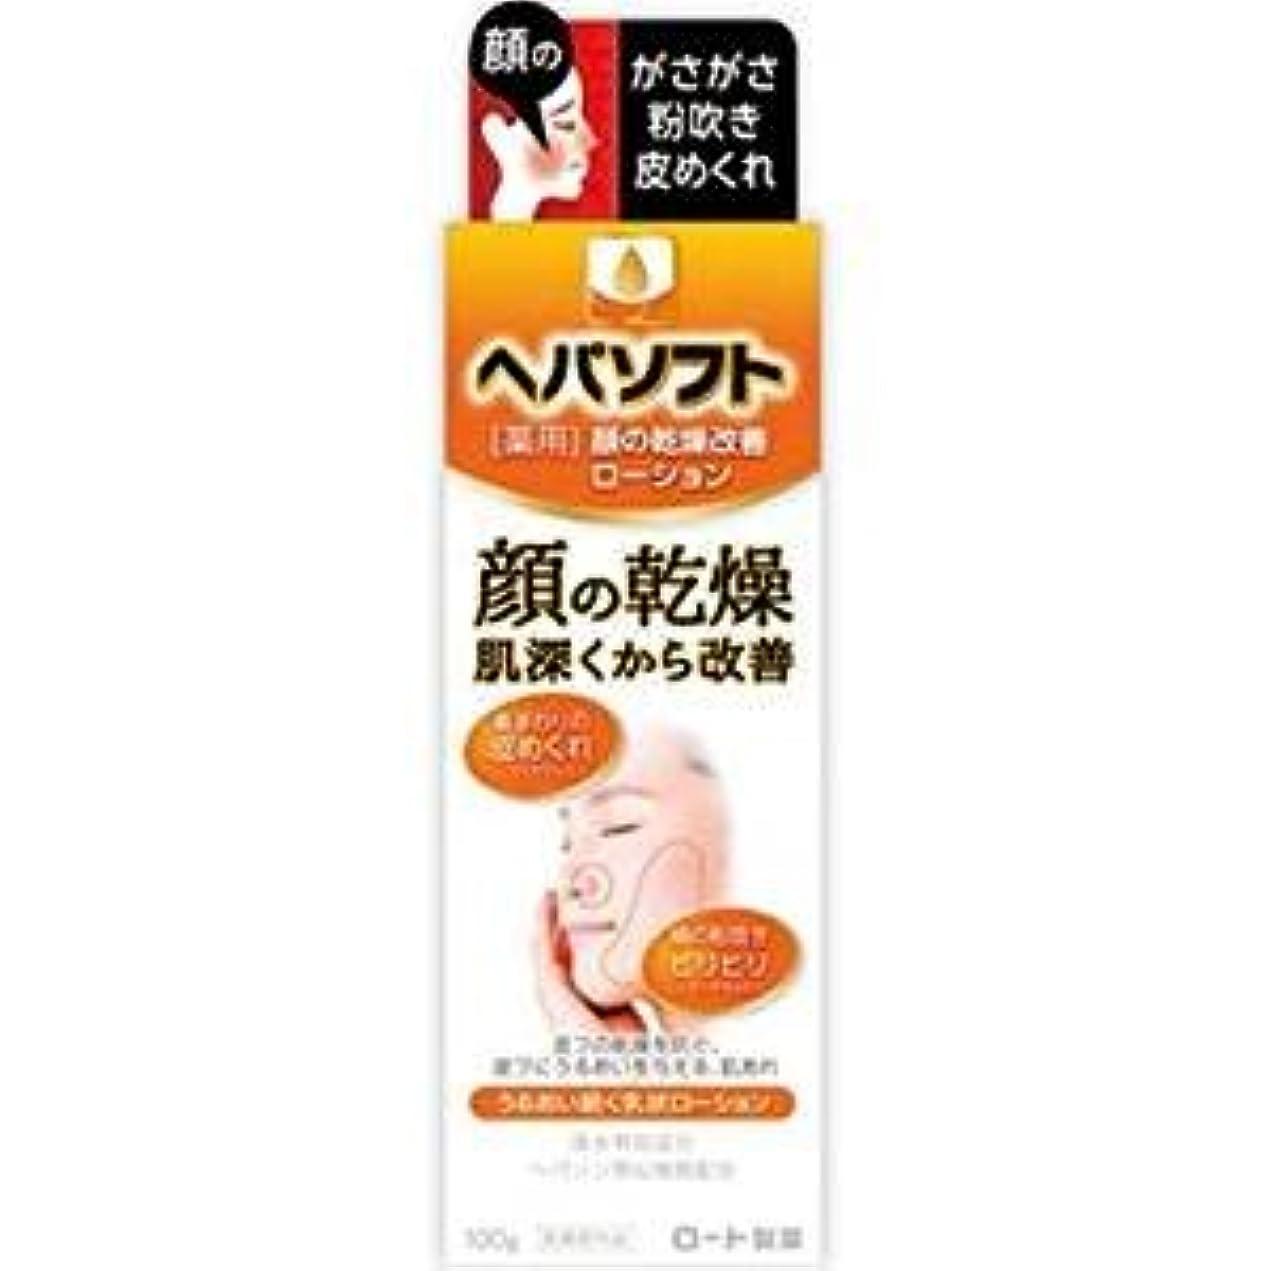 ヘパソフト 薬用 顔ローション 100g (医薬部外品)3個